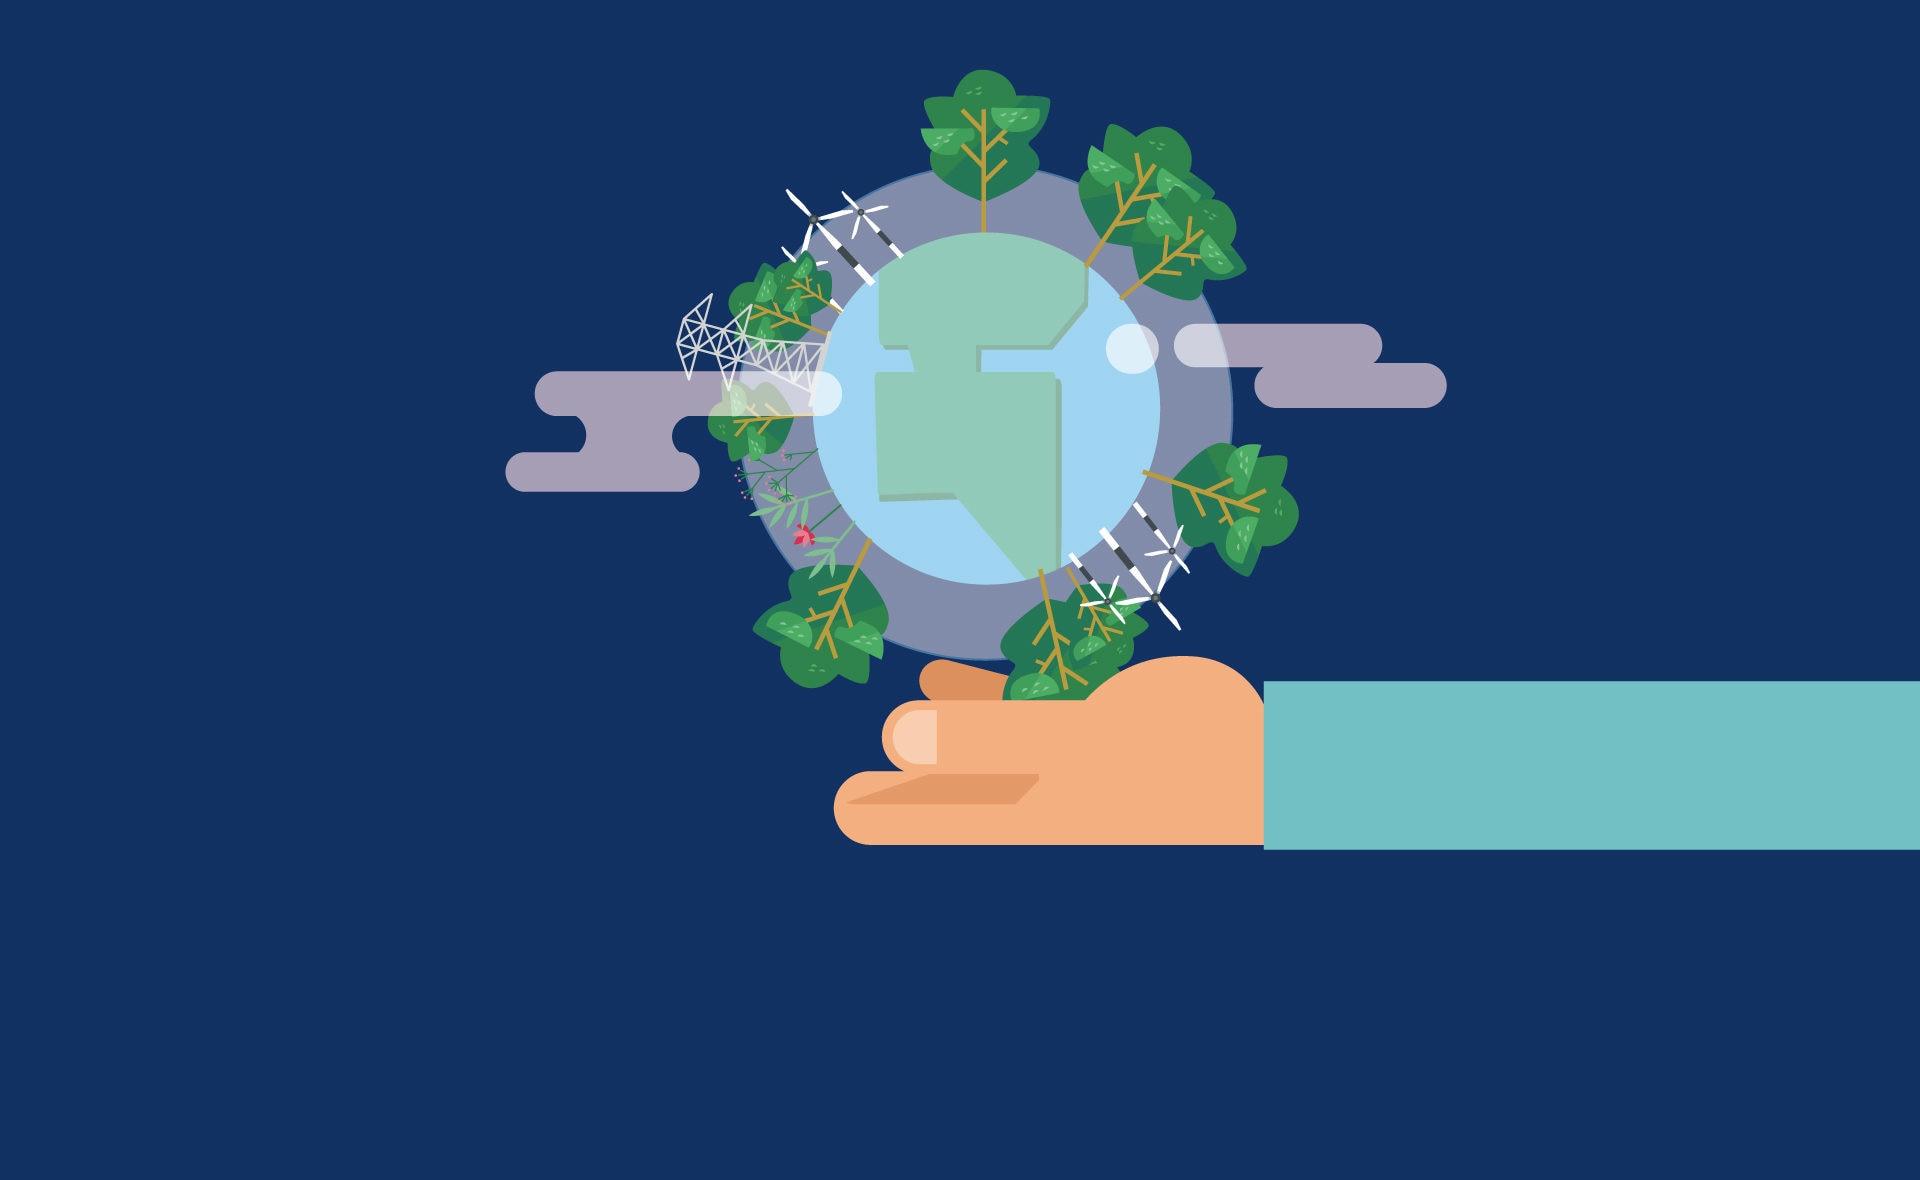 Fotografía de Tierra, globo terráqueo, plantas, energía renovable, planeta, medioambiente, mano, brazo, sostenibilidad, finanzas